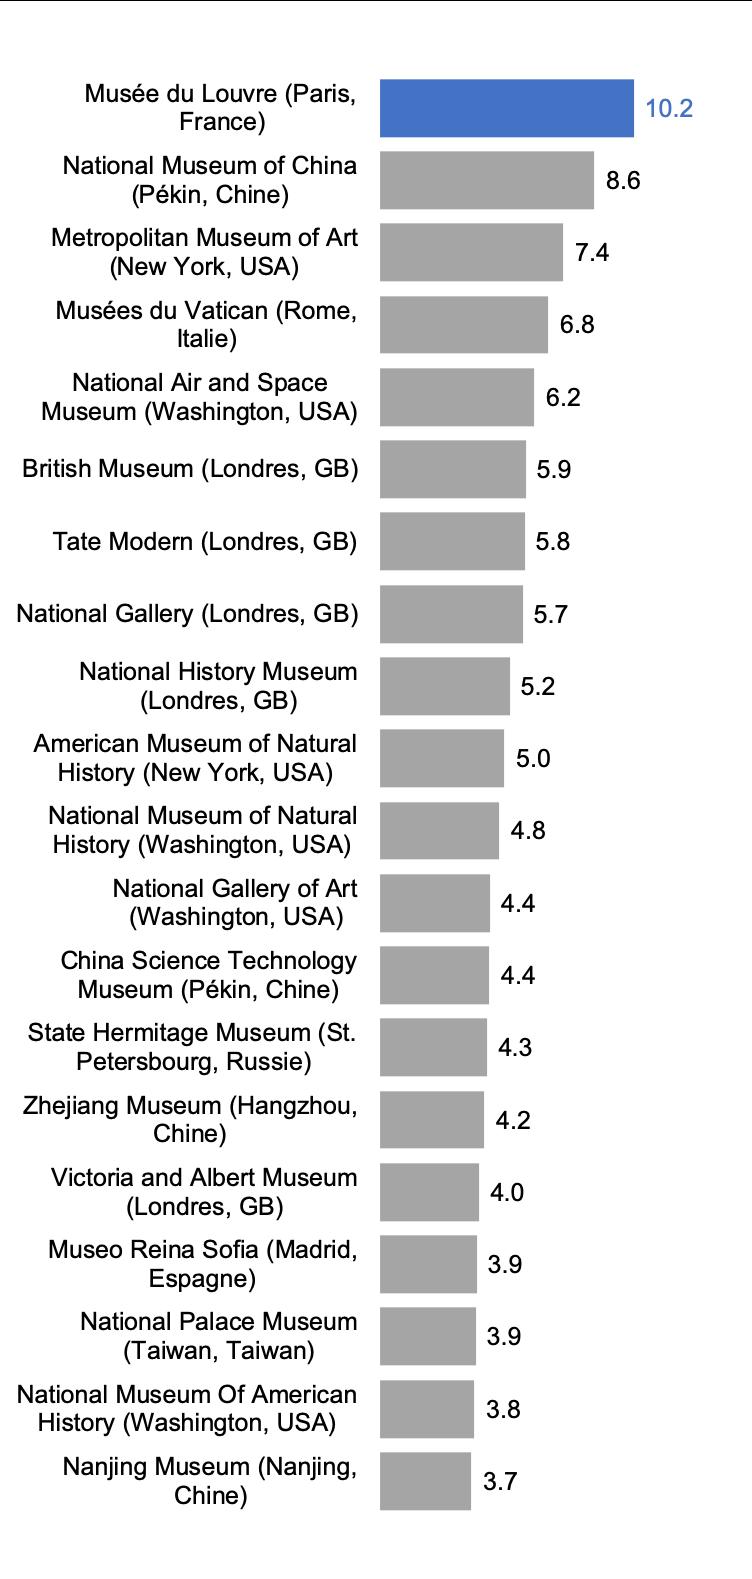 Musées les plus visités au monde en 2018, en millions de visiteurs